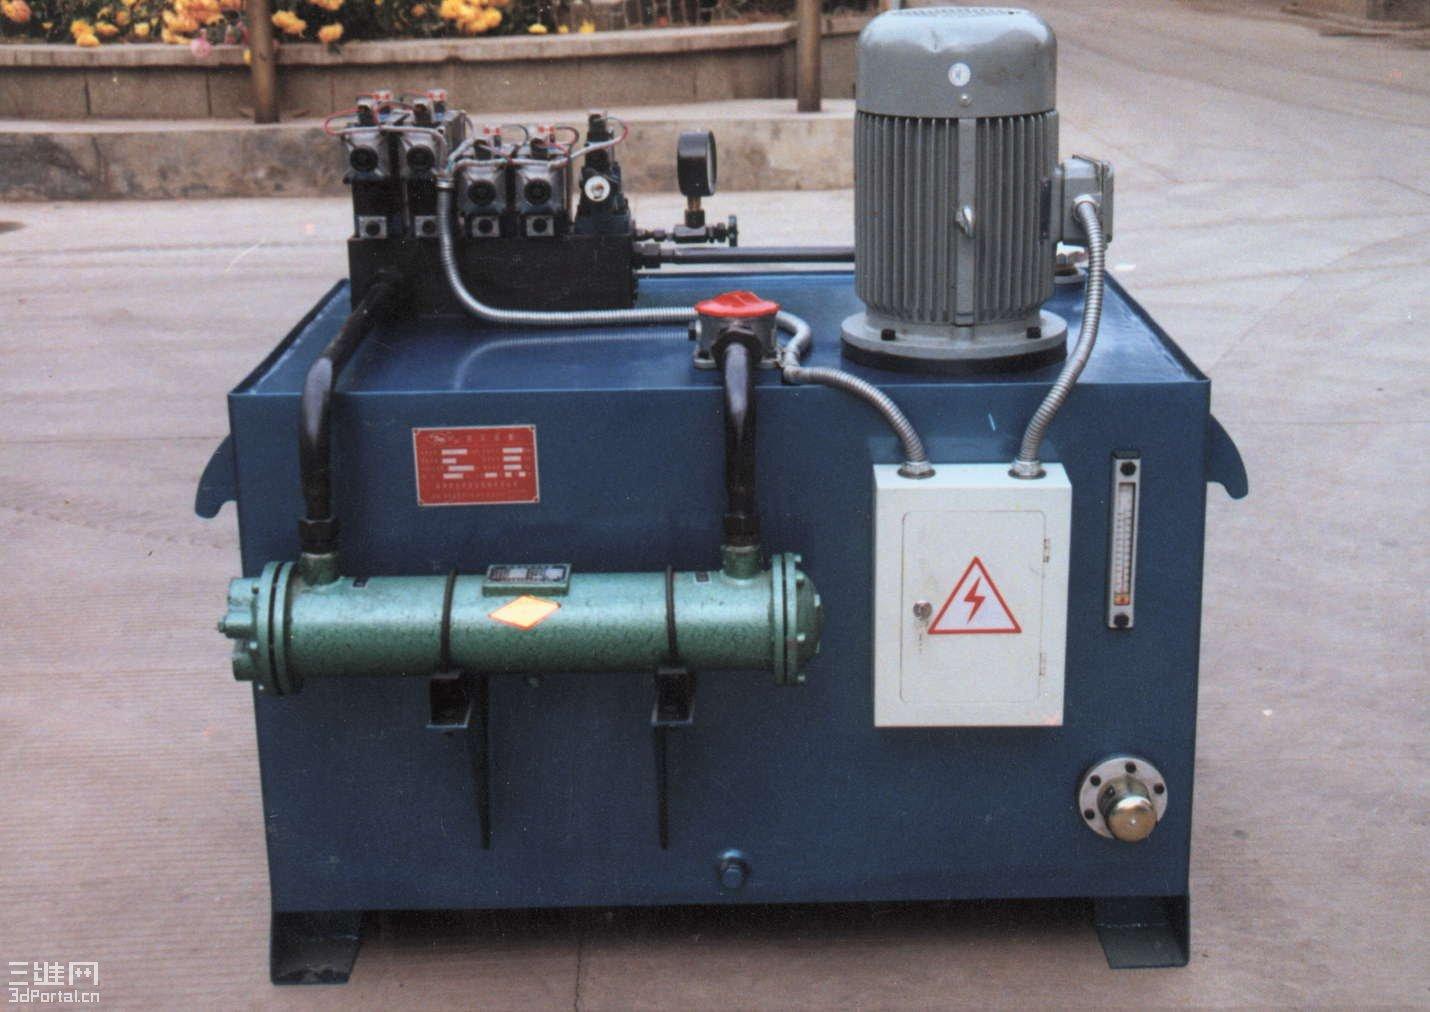 工作原理:电机带动油泵工作提供压力源,通过集成块,液压阀等对驱动图片